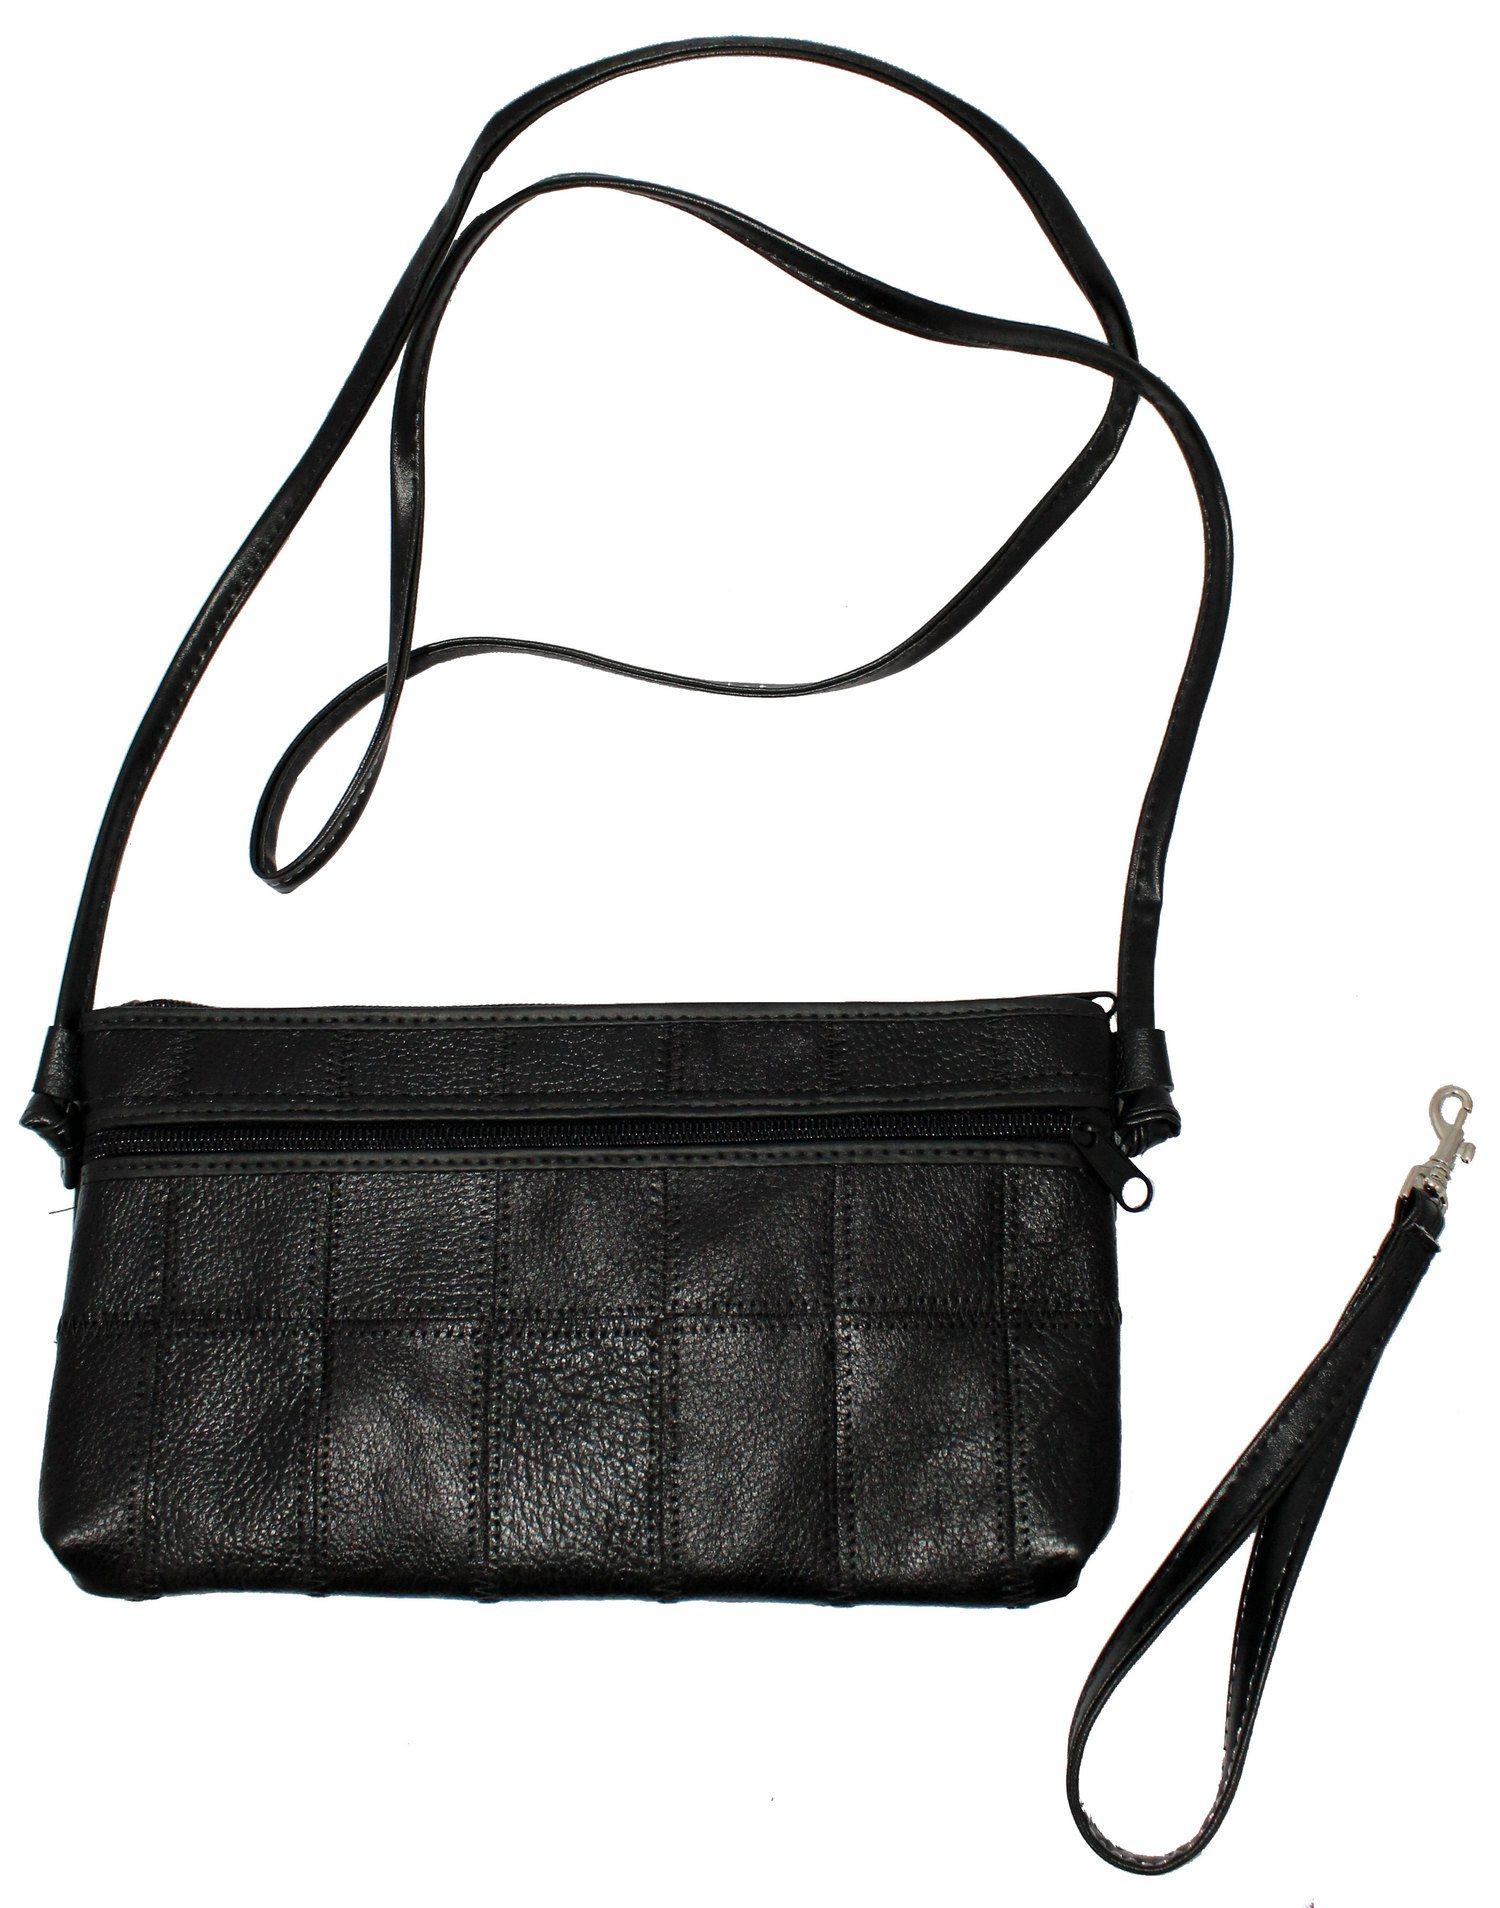 Bolsa em retalho de couro Tranversal Alça de mão